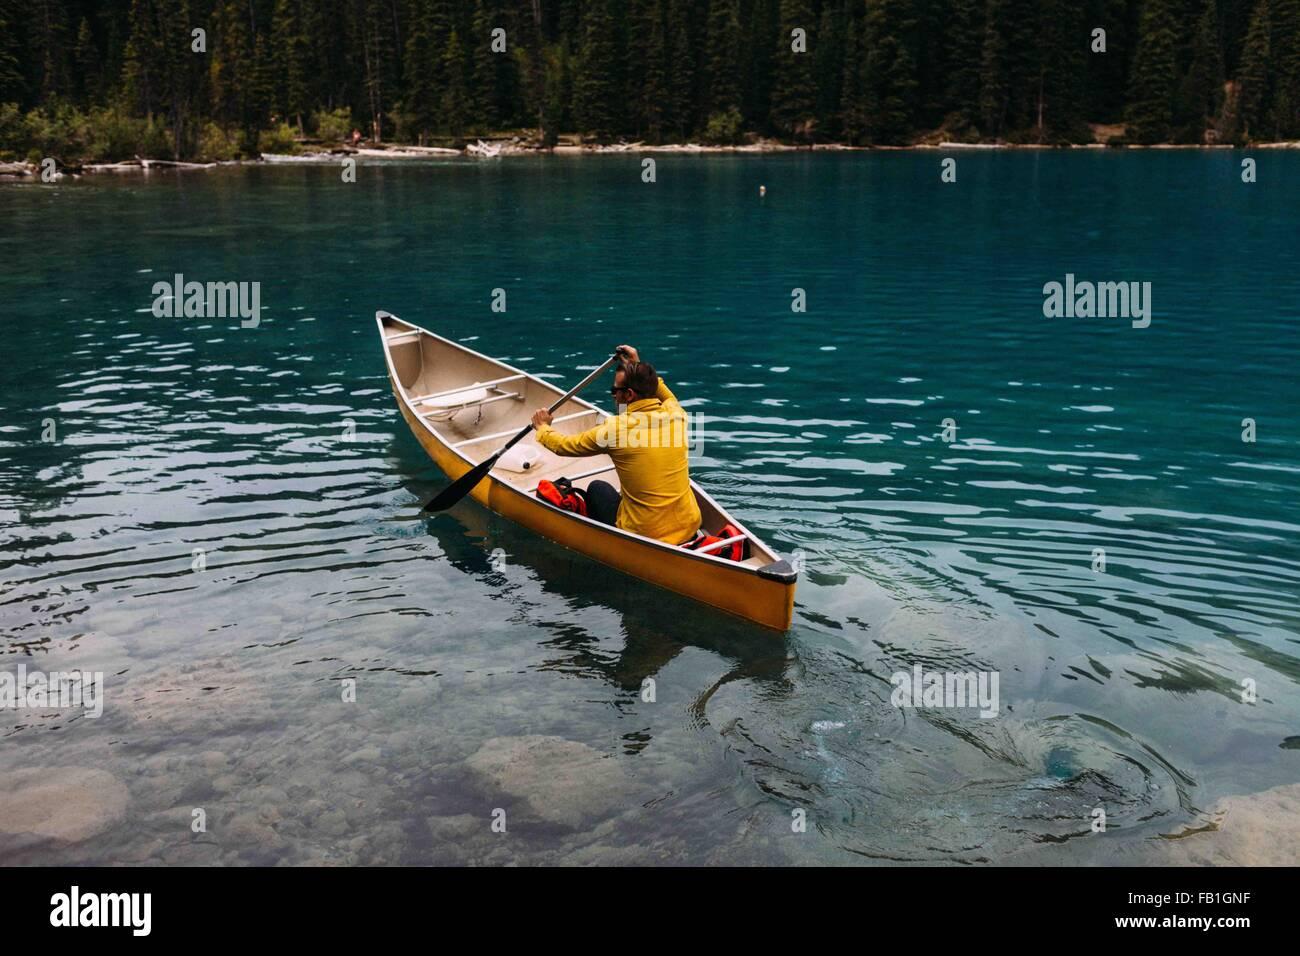 Angolo di alta vista posteriore della metà uomo adulto canoa kayak sul Lago Moraine, il Parco Nazionale di Immagini Stock